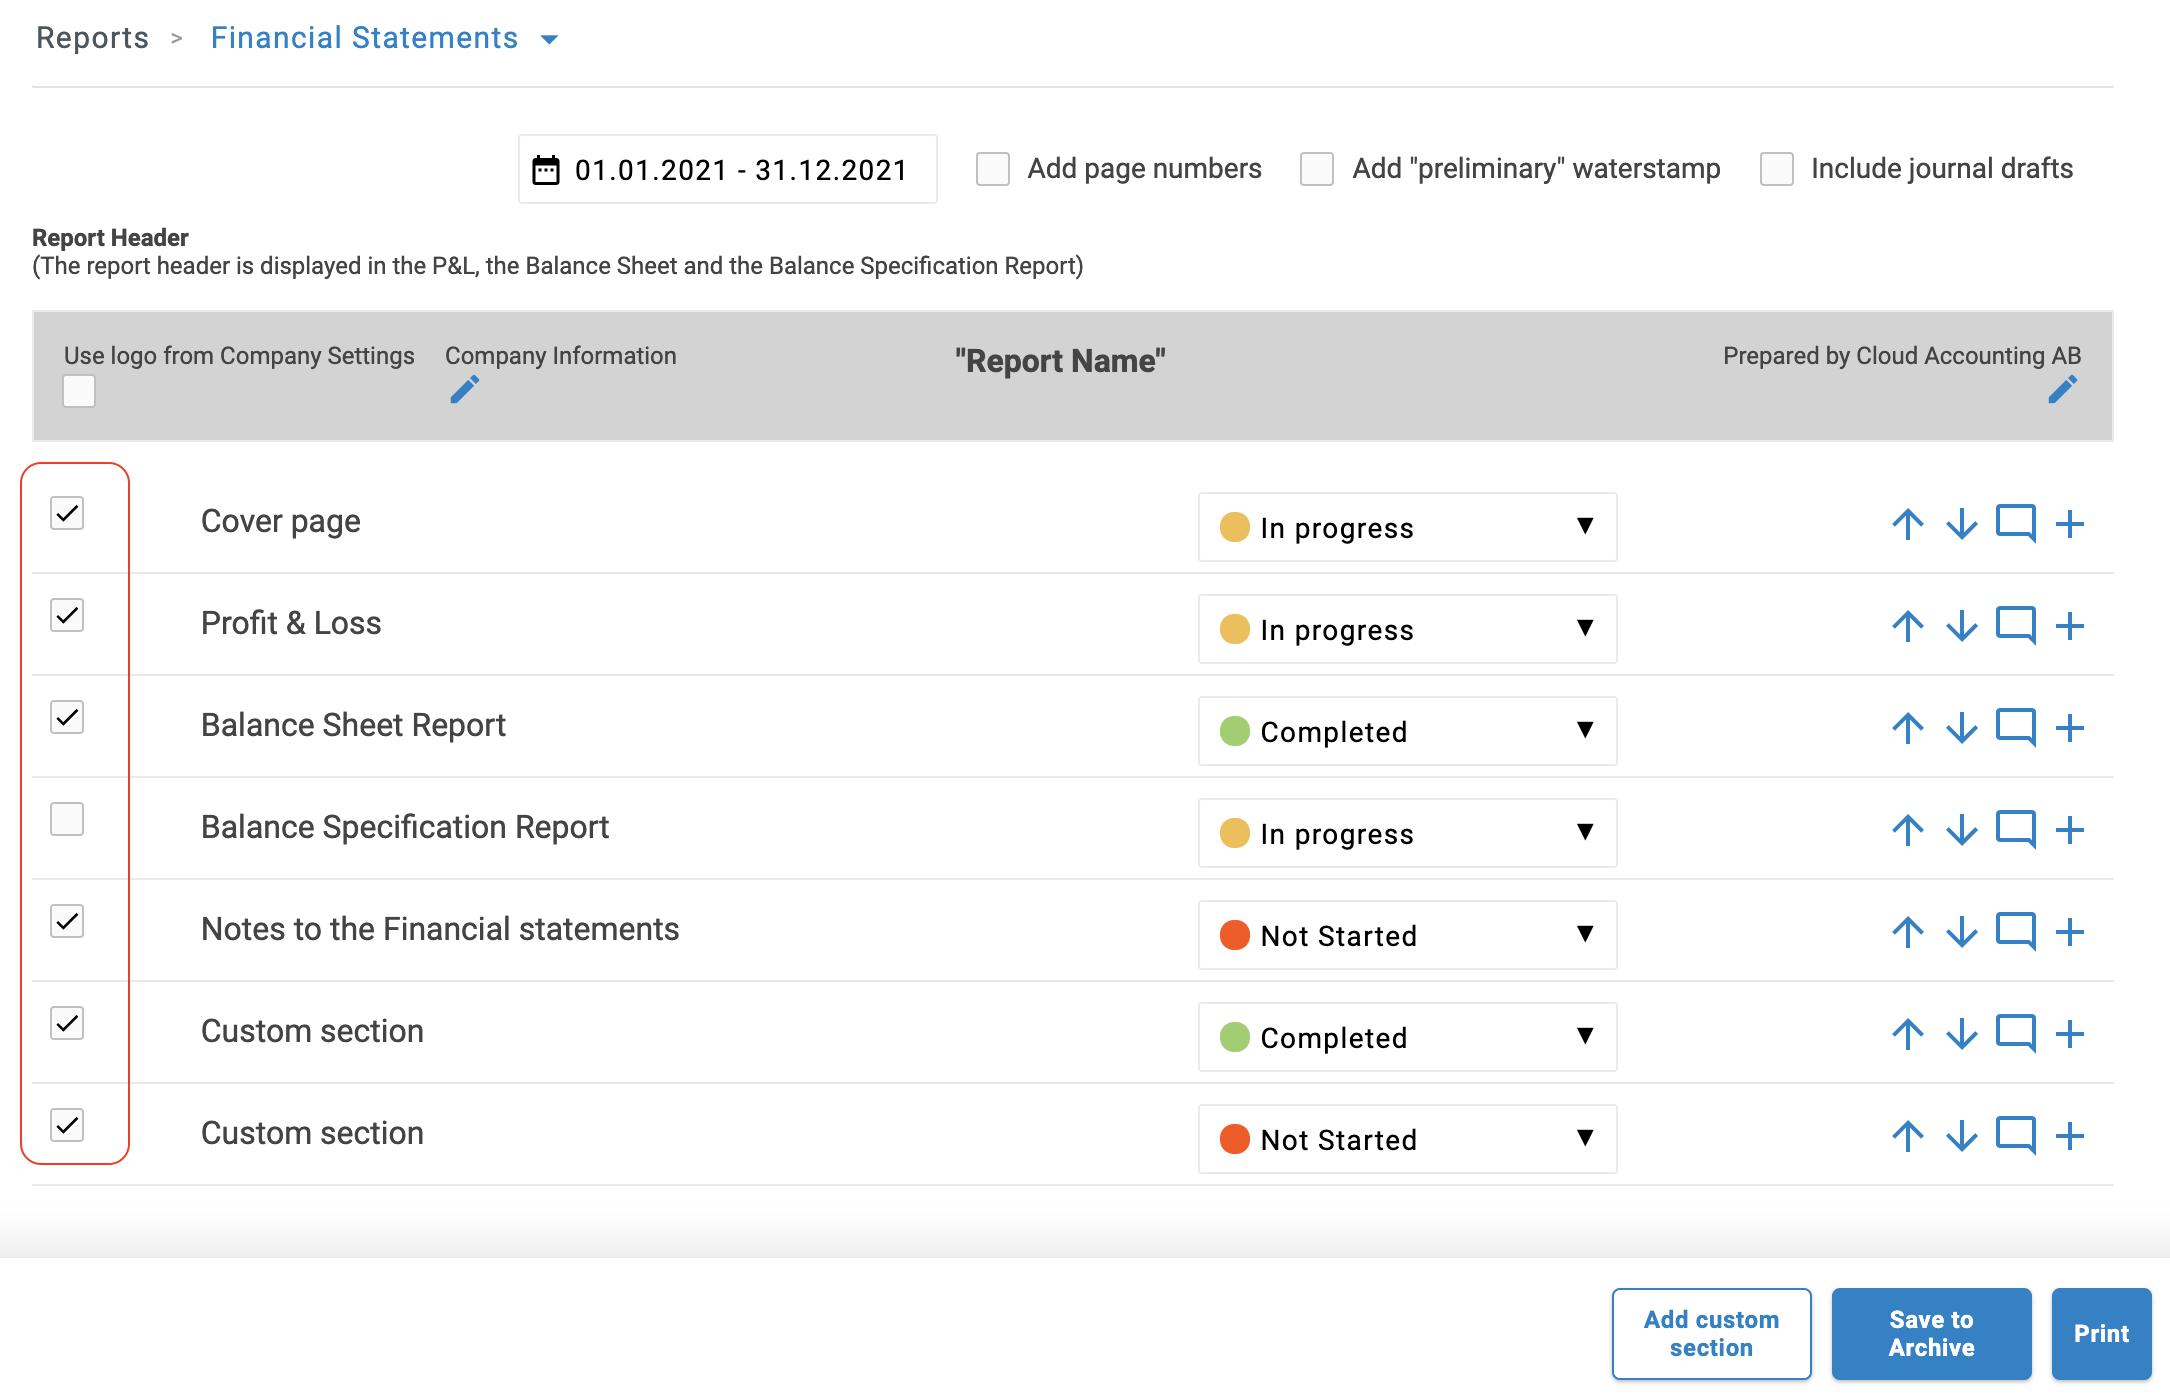 Screenshot_2020-09-21_at_15.43.24.png